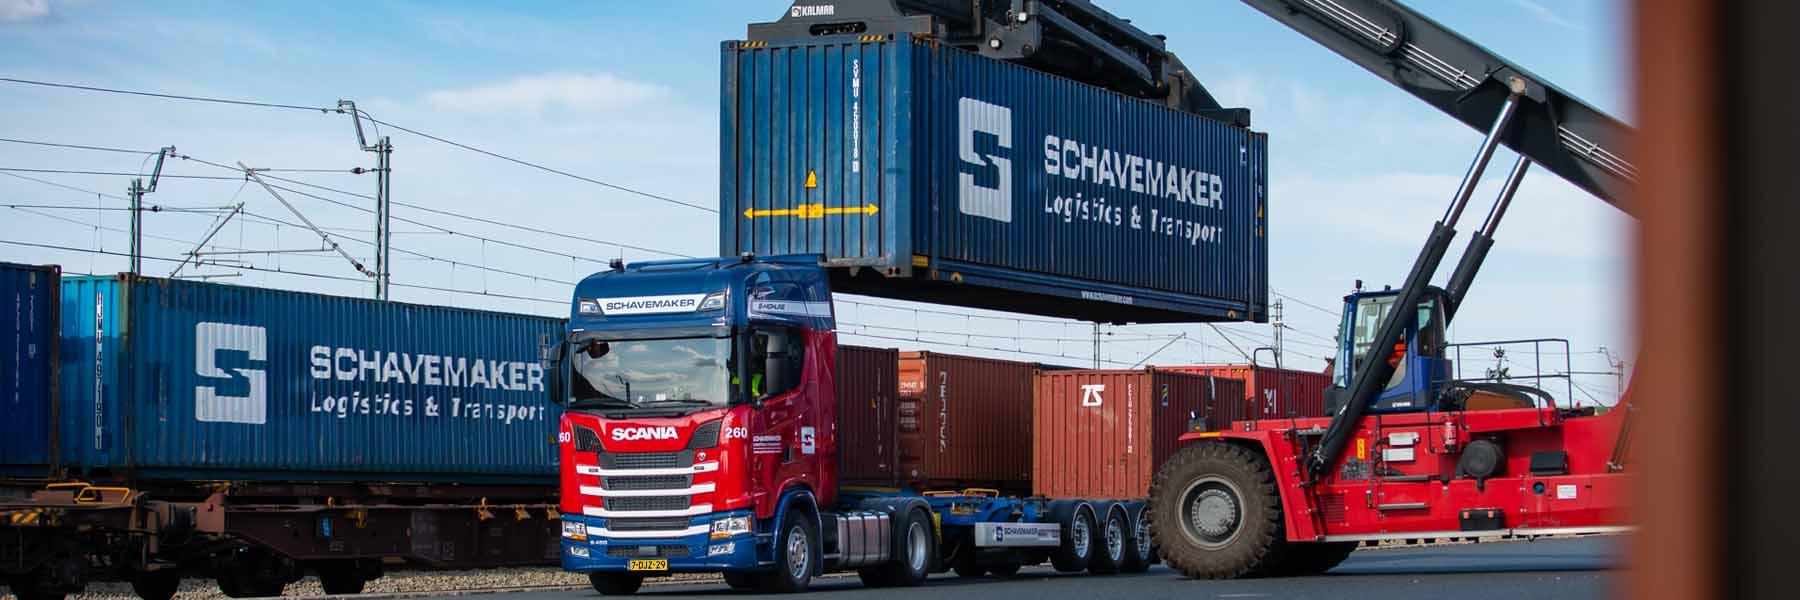 Schavemaker Logistics